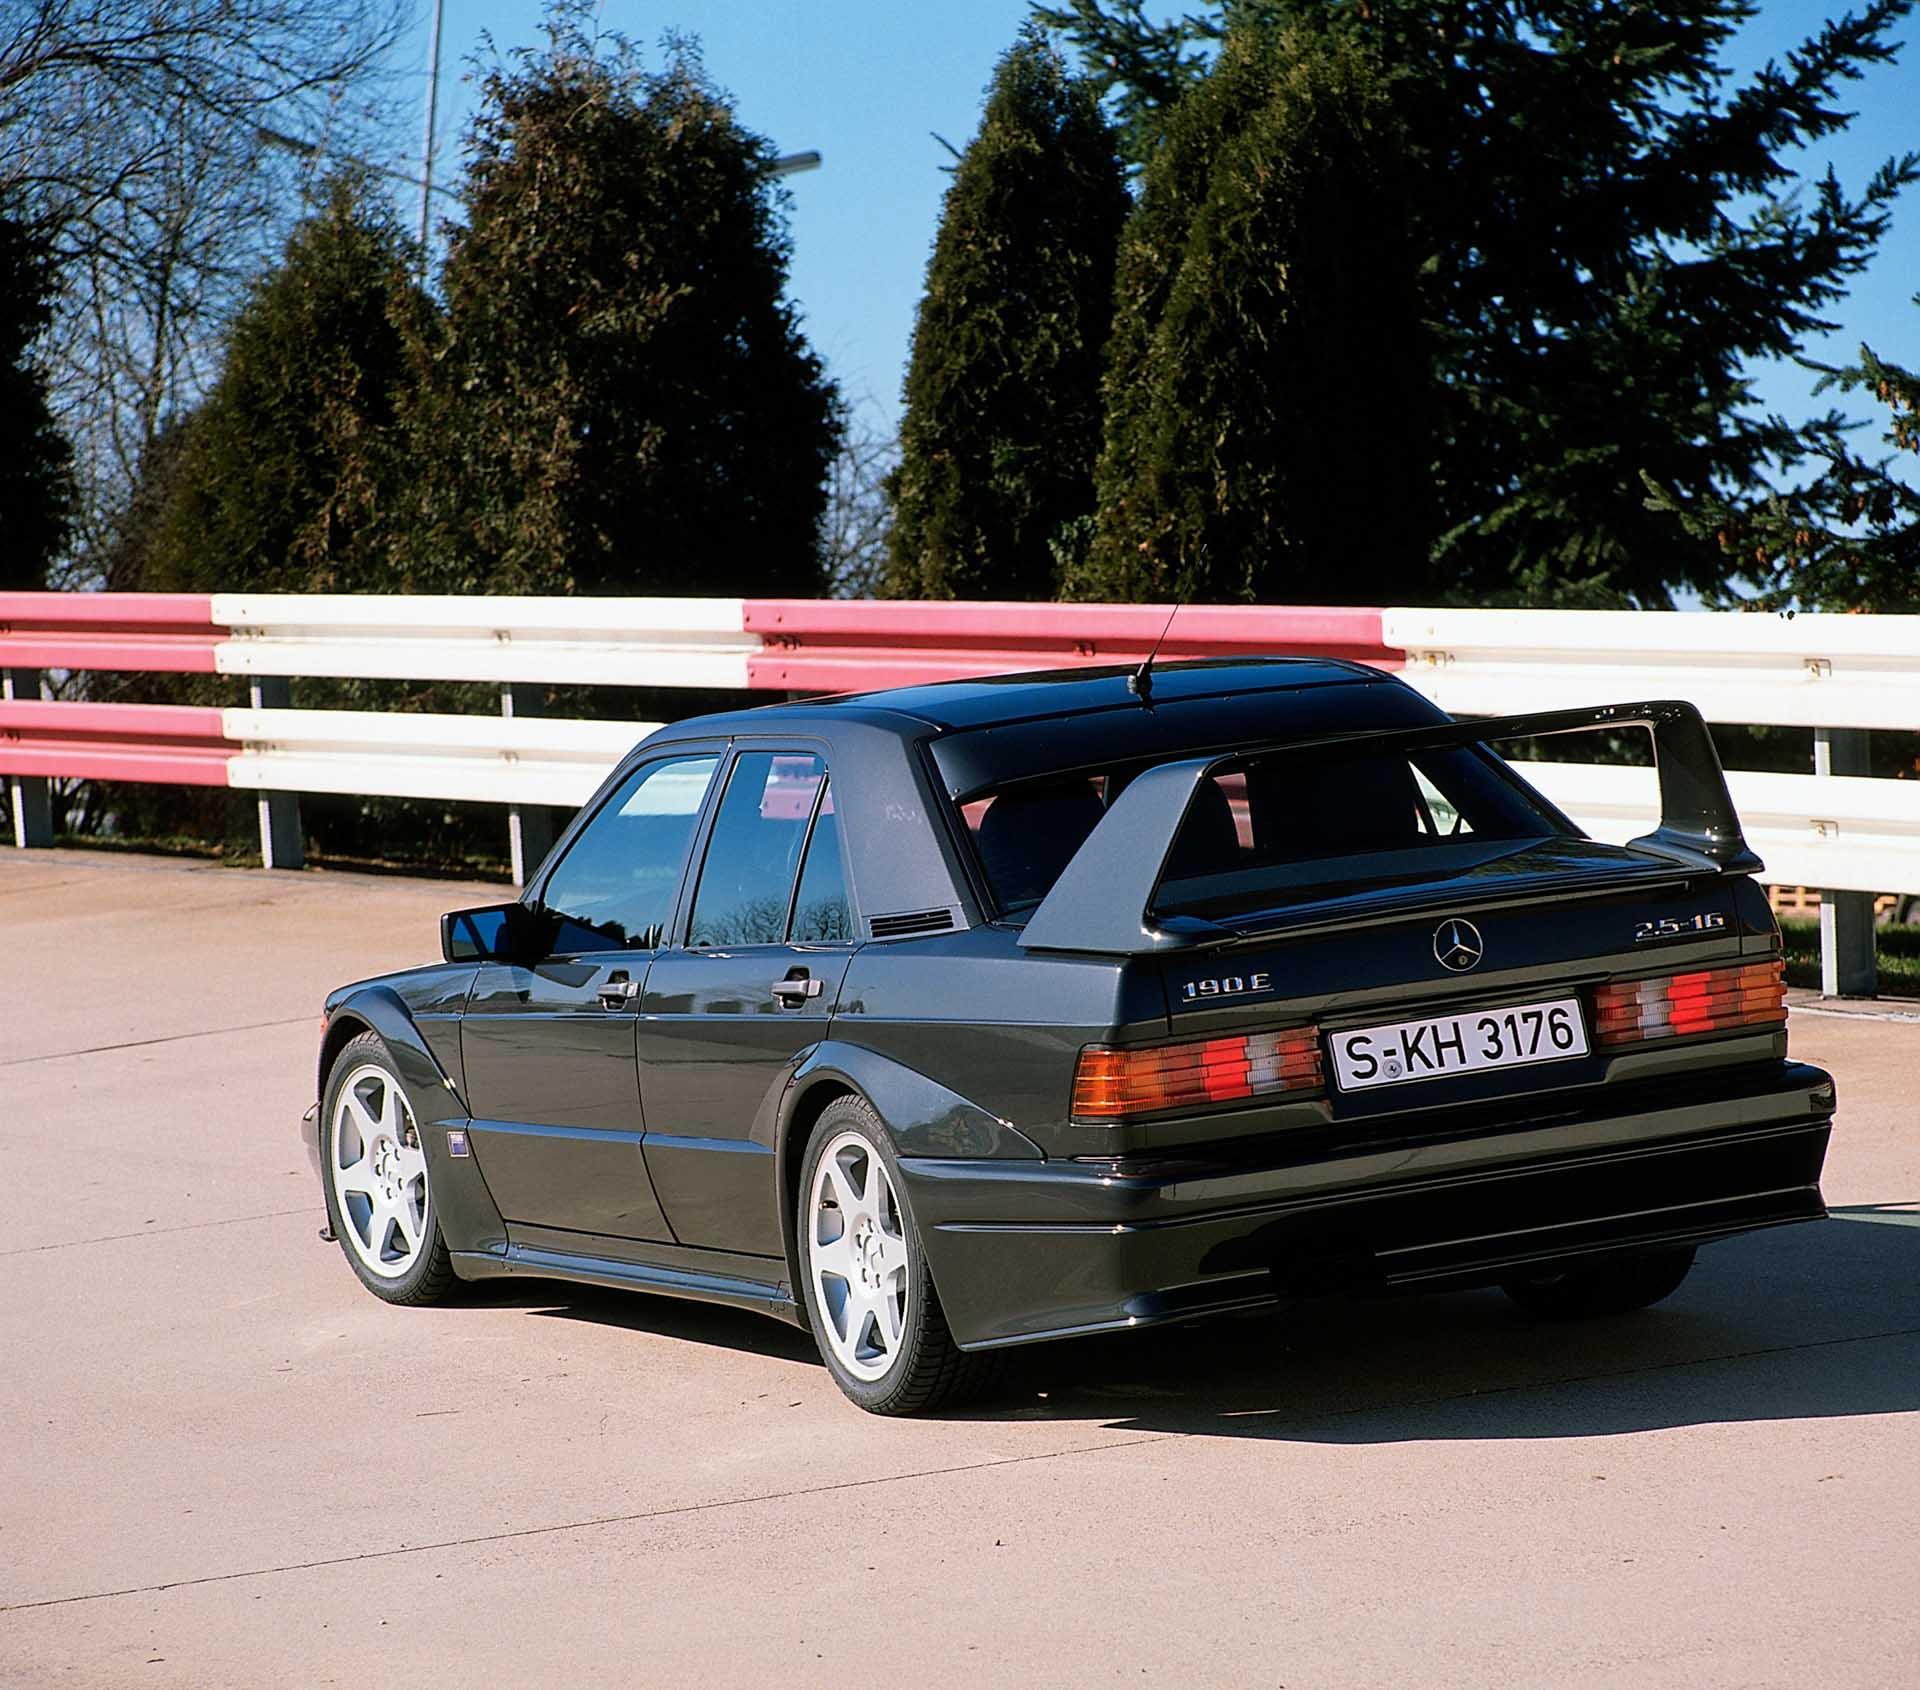 Mercedes-Benz 190 E 2.5-16 Evolution II, Exterieur. Foto aus dem Jahr 1990.